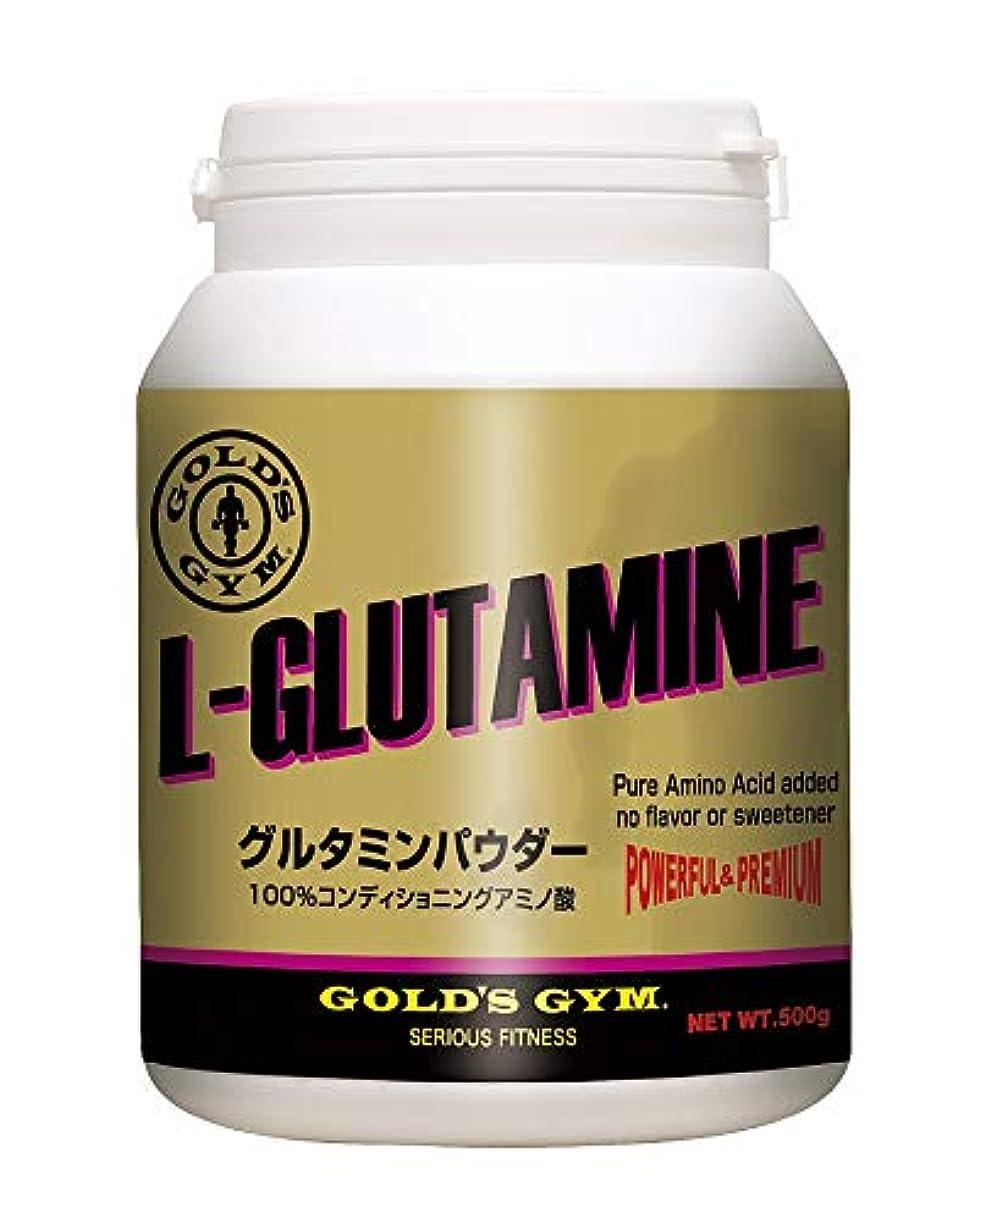 繊毛遡る滑るゴールドジム(GOLD'S GYM) グルタミンパウダー 300g